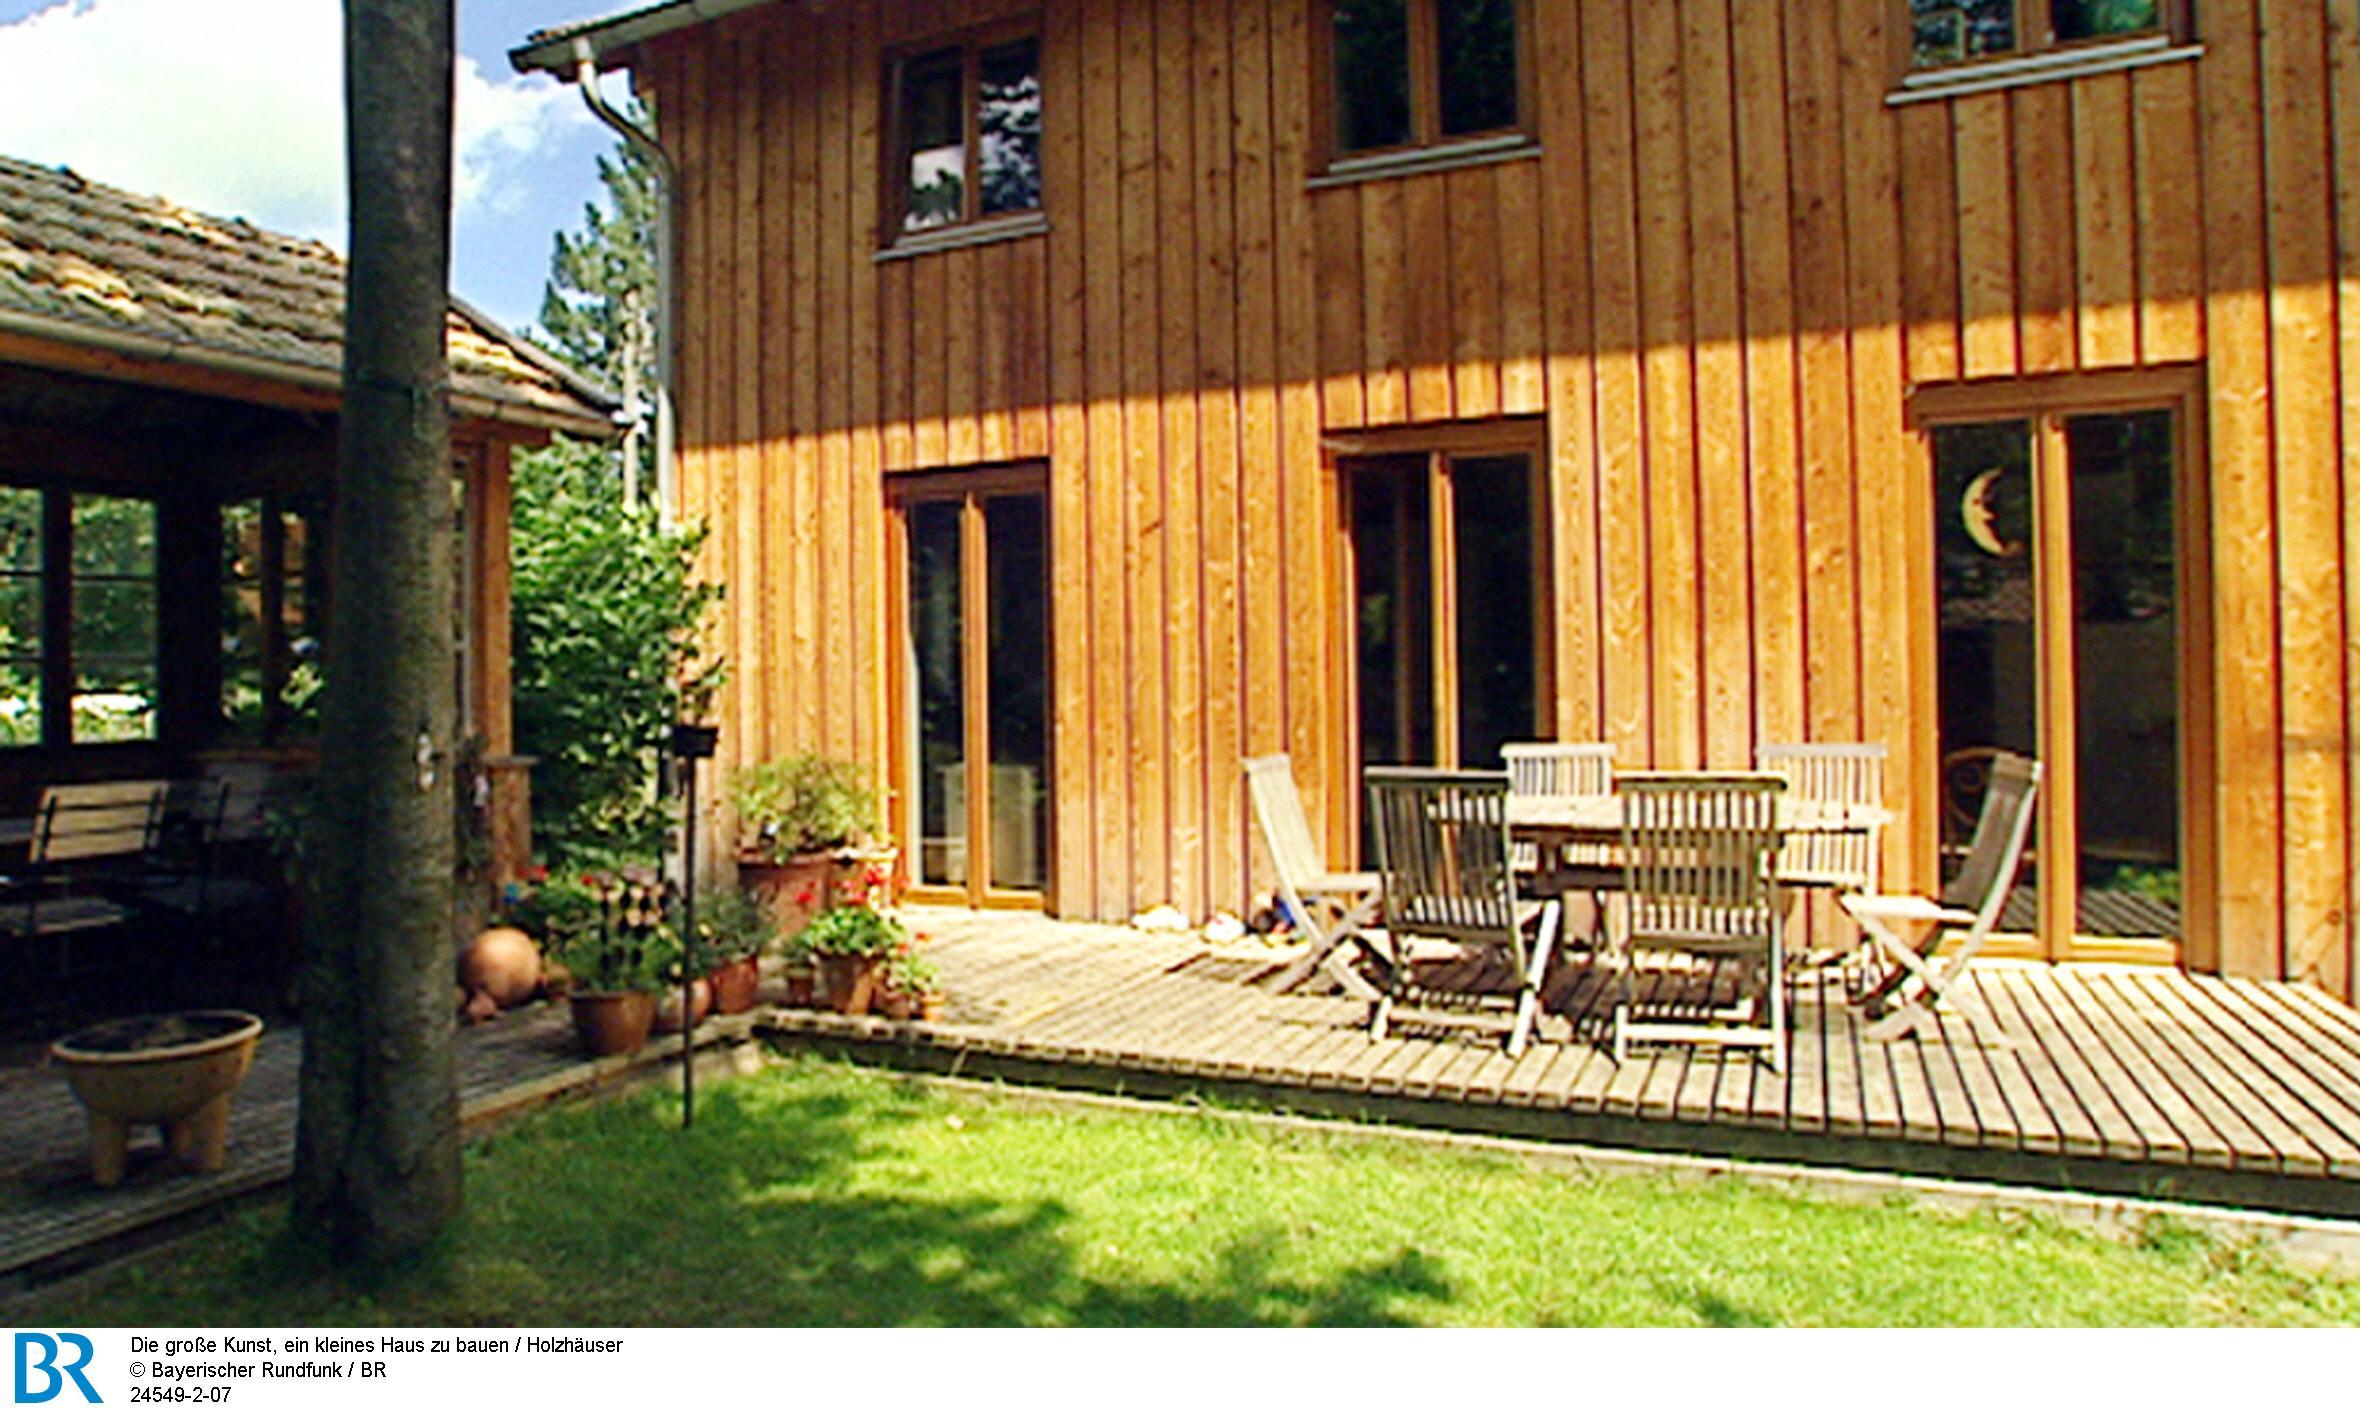 Die große Kunst, ein kleines Haus zu bauen : Holzhäuser (2003)